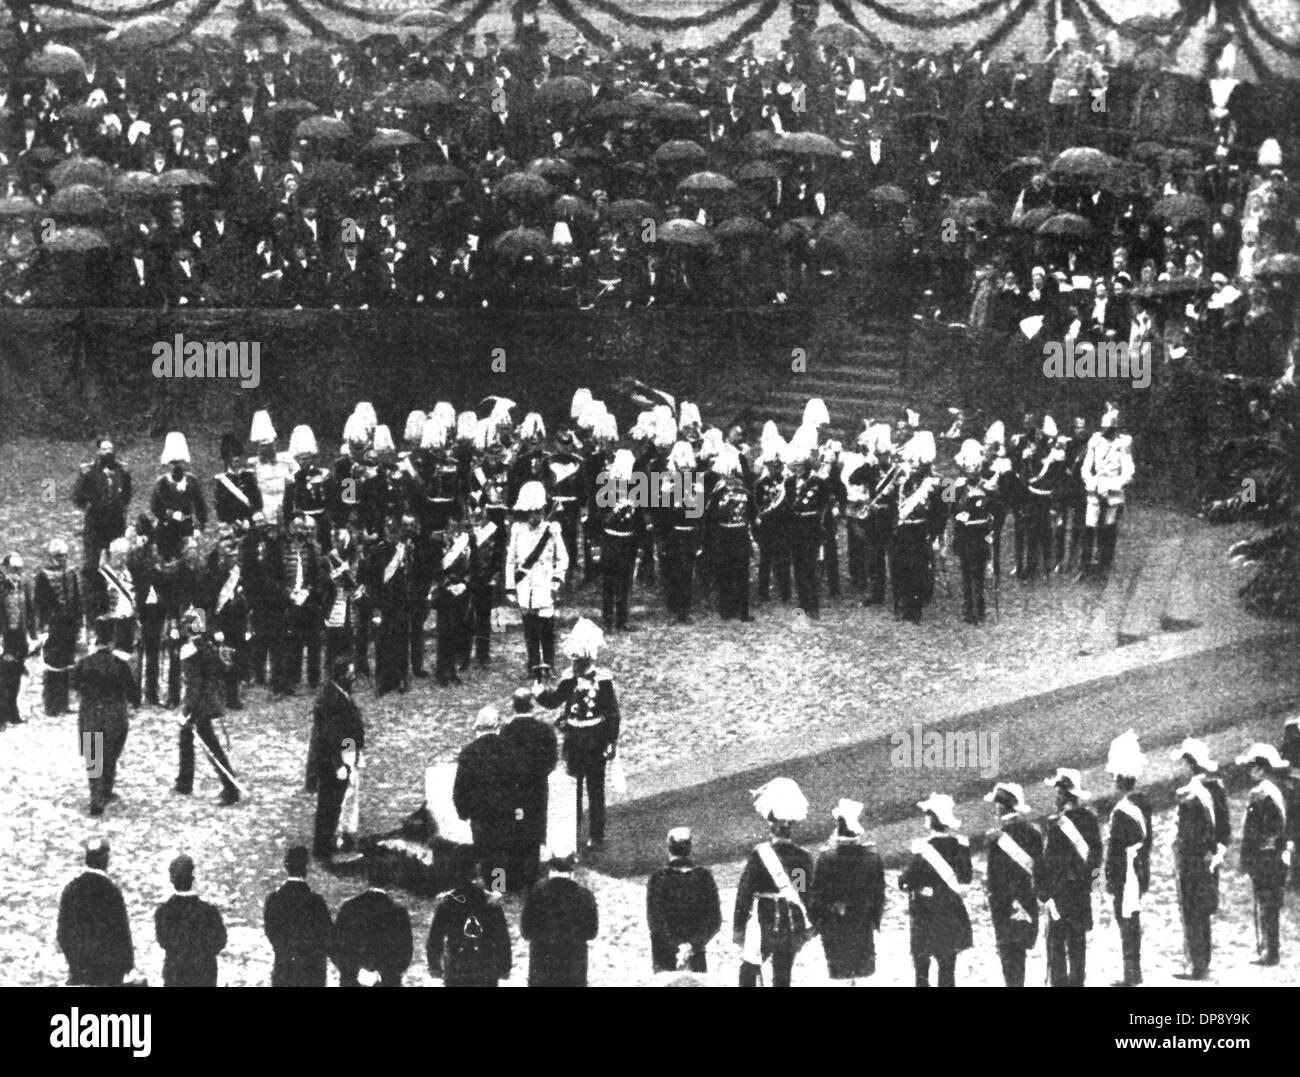 L'empereur Guillaume I. (m) participe à la pose de la première pierre pour le nouveau Reichstag à Berlin en 1884. Le chancelier impérial Otto von Bismarck effectue le coup de marteau derrière l'empereur Guillaume I. Banque D'Images